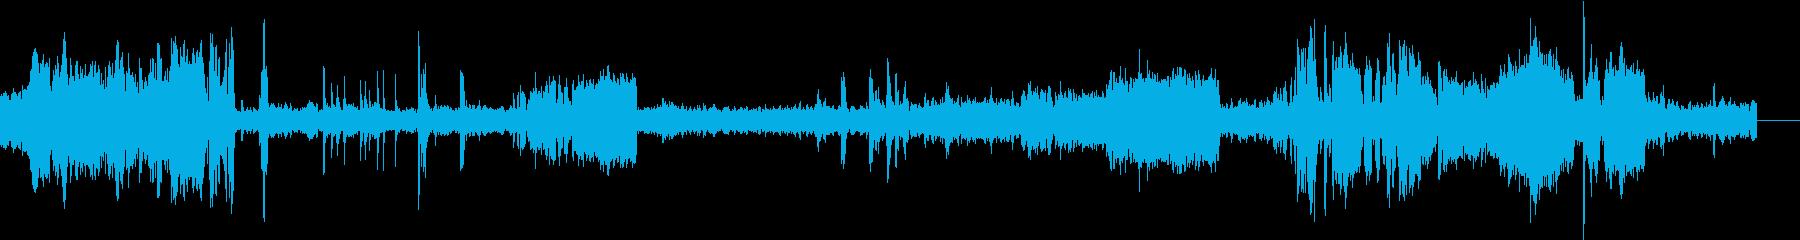 ディーゼル機関車ブレーキスクレープループの再生済みの波形